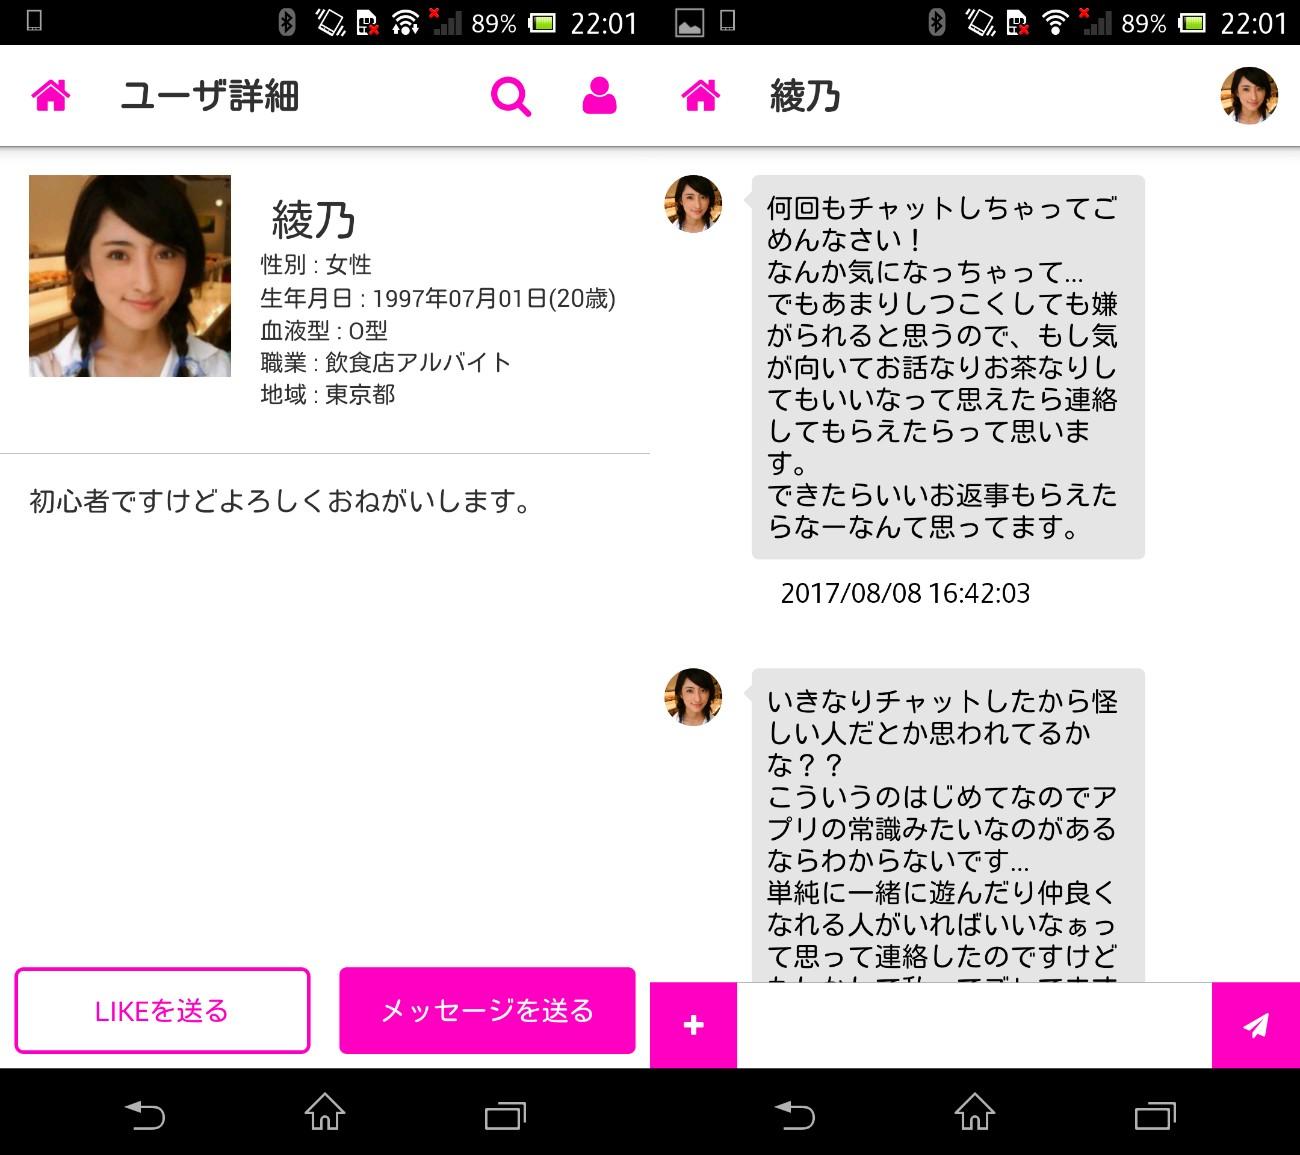 出会い系アプリぺあトーク!安心匿名登録で簡単出合いチャット★サクラの綾乃